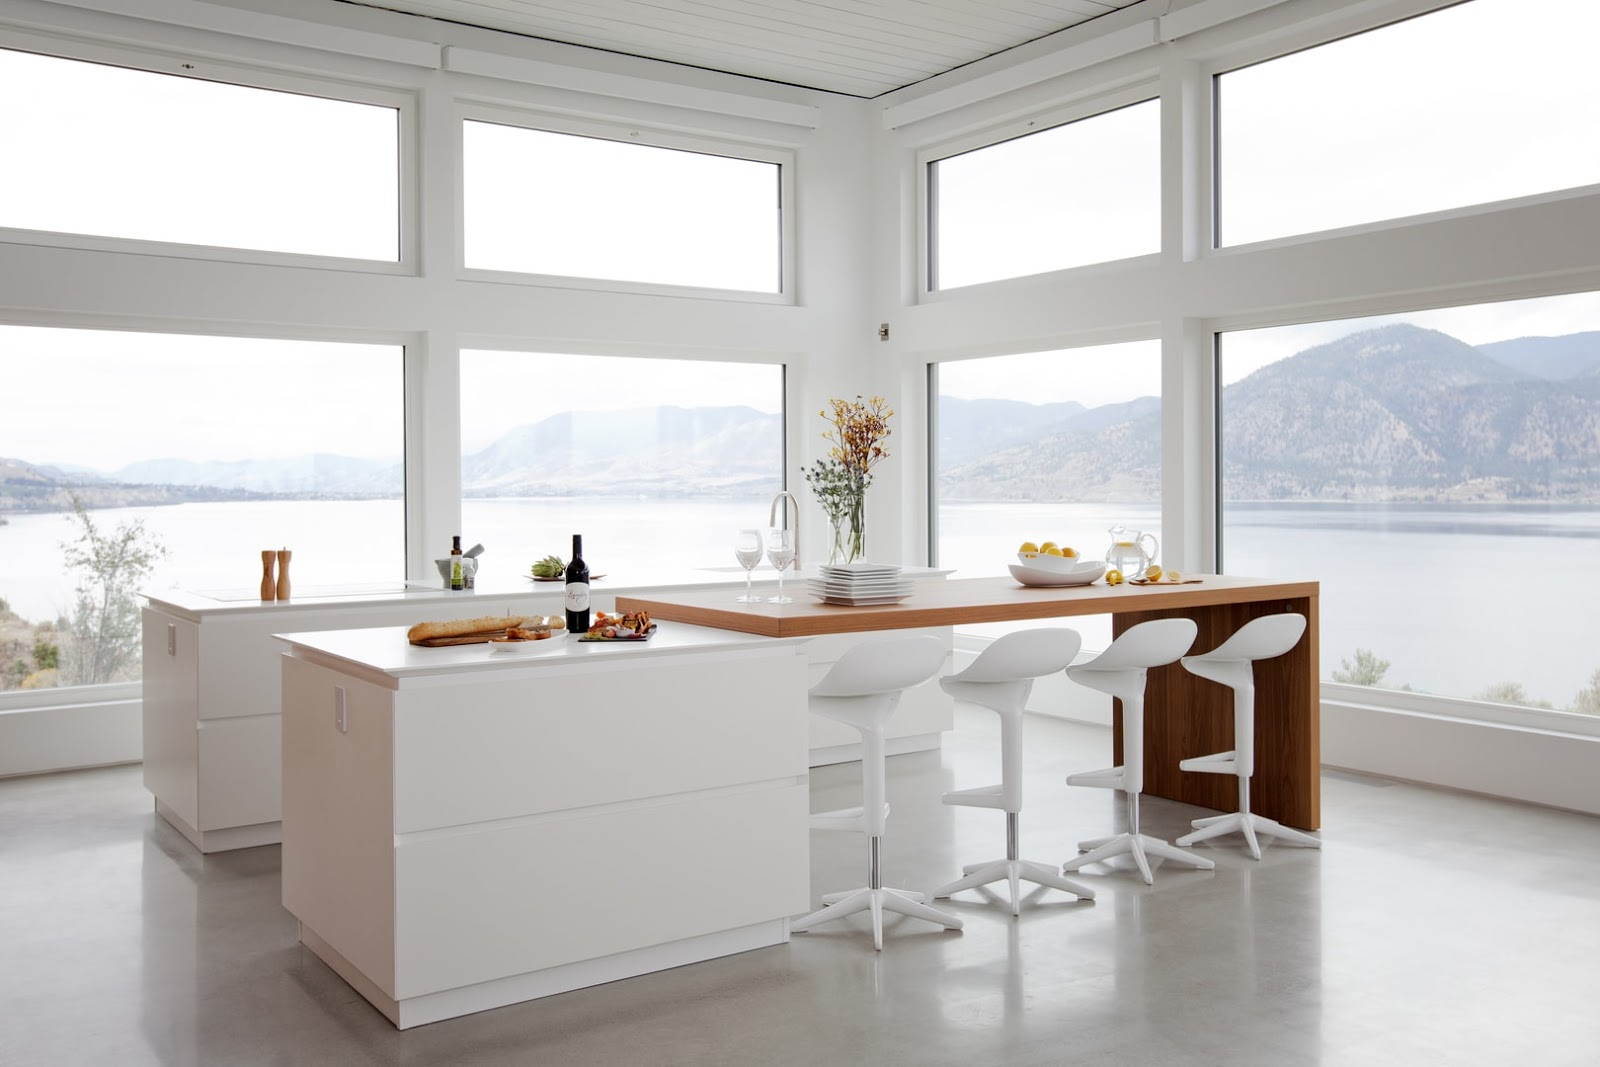 Dise ada tambi n para aprovechar y disfrutar las vistas for Cocina comedor con isla